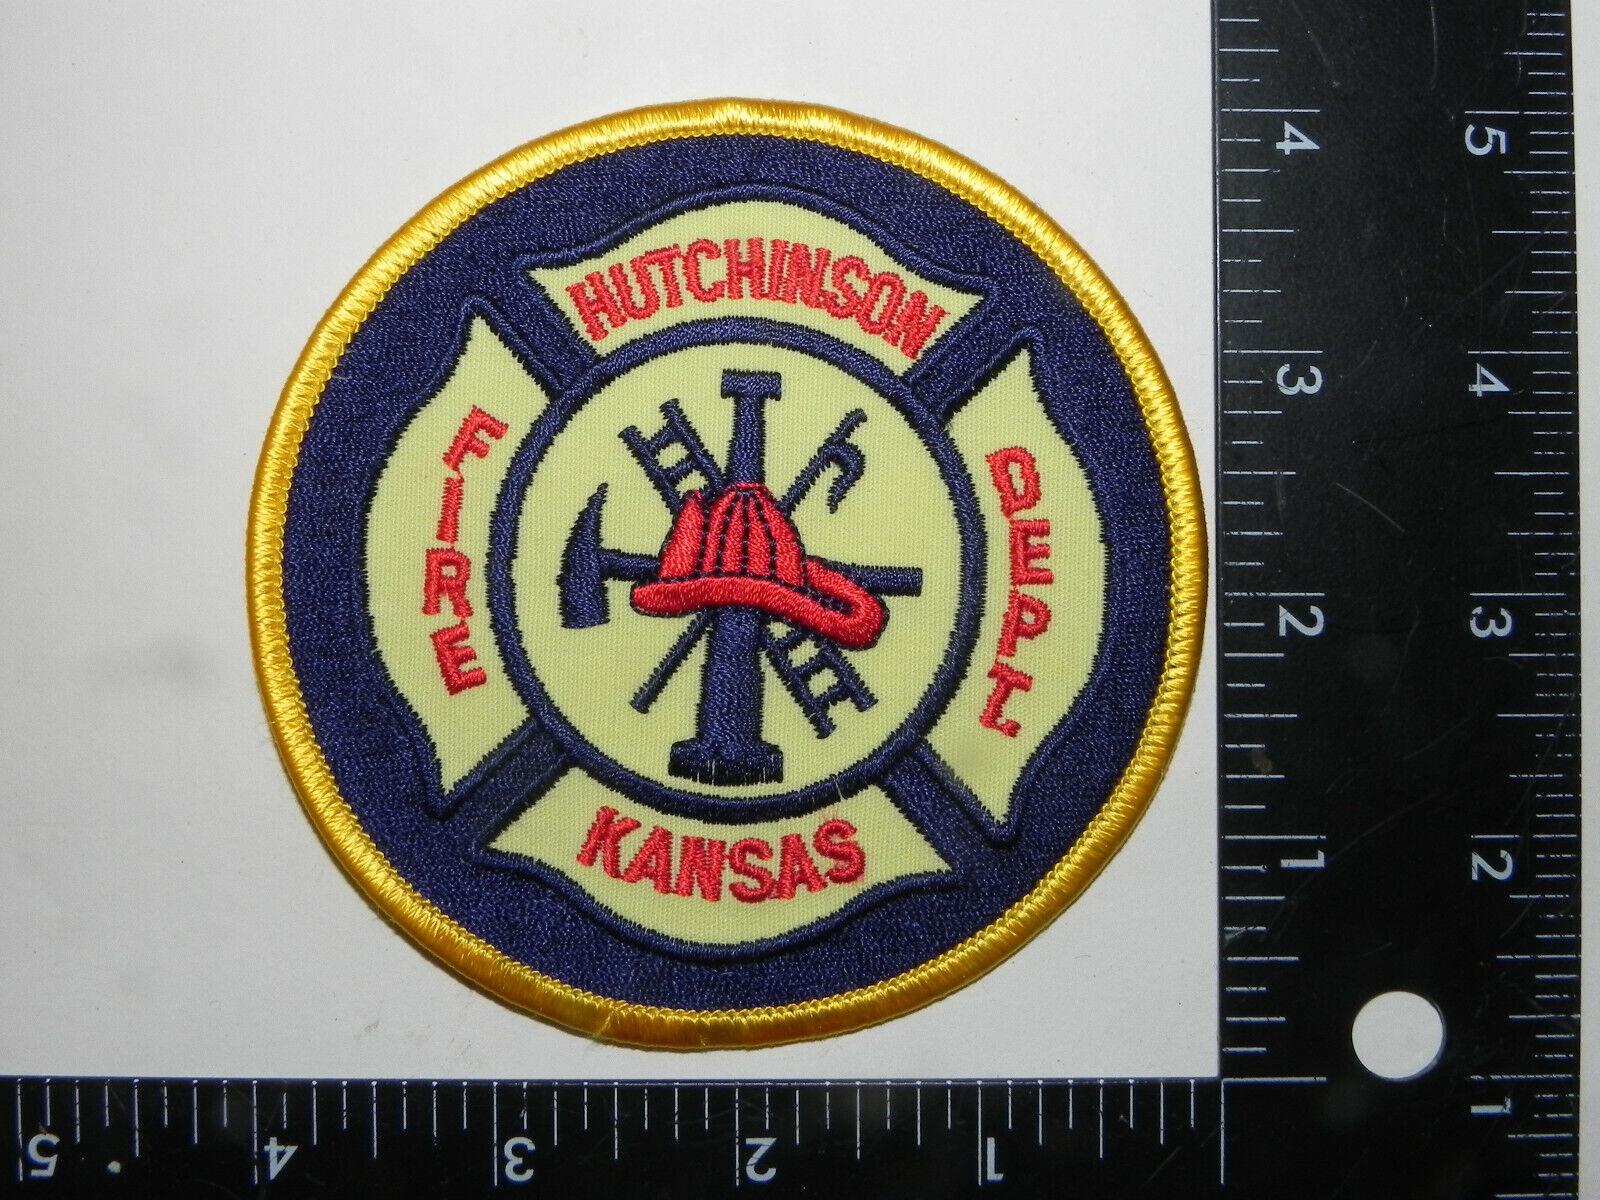 HUTCHINSON, KANSAS FIRE DEPT. - $2.50